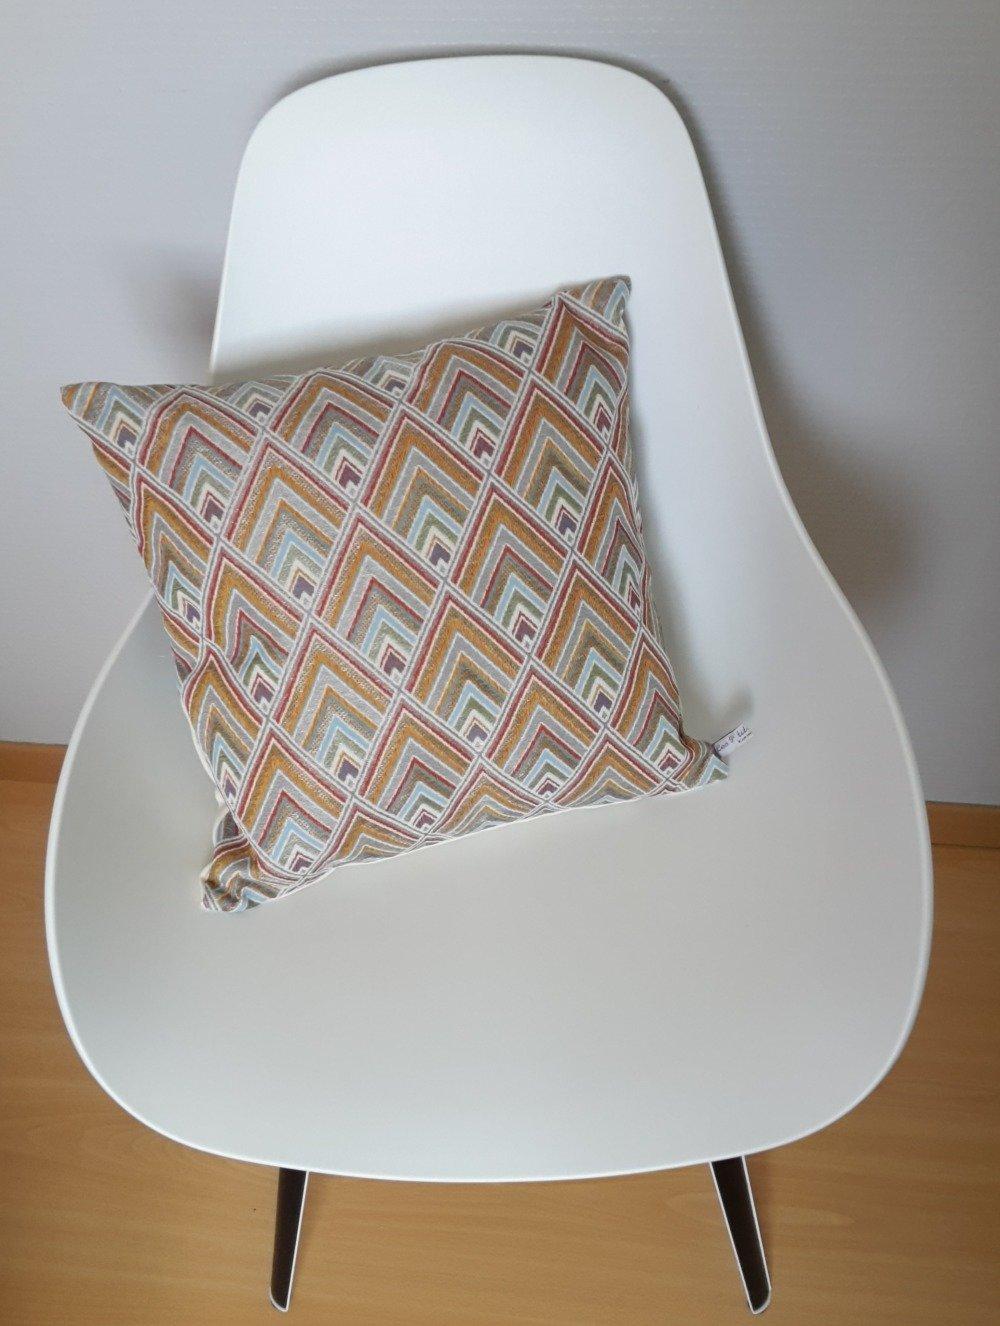 Housse de coussin aux motifs géométriques de losanges multicolores avec touche dorée